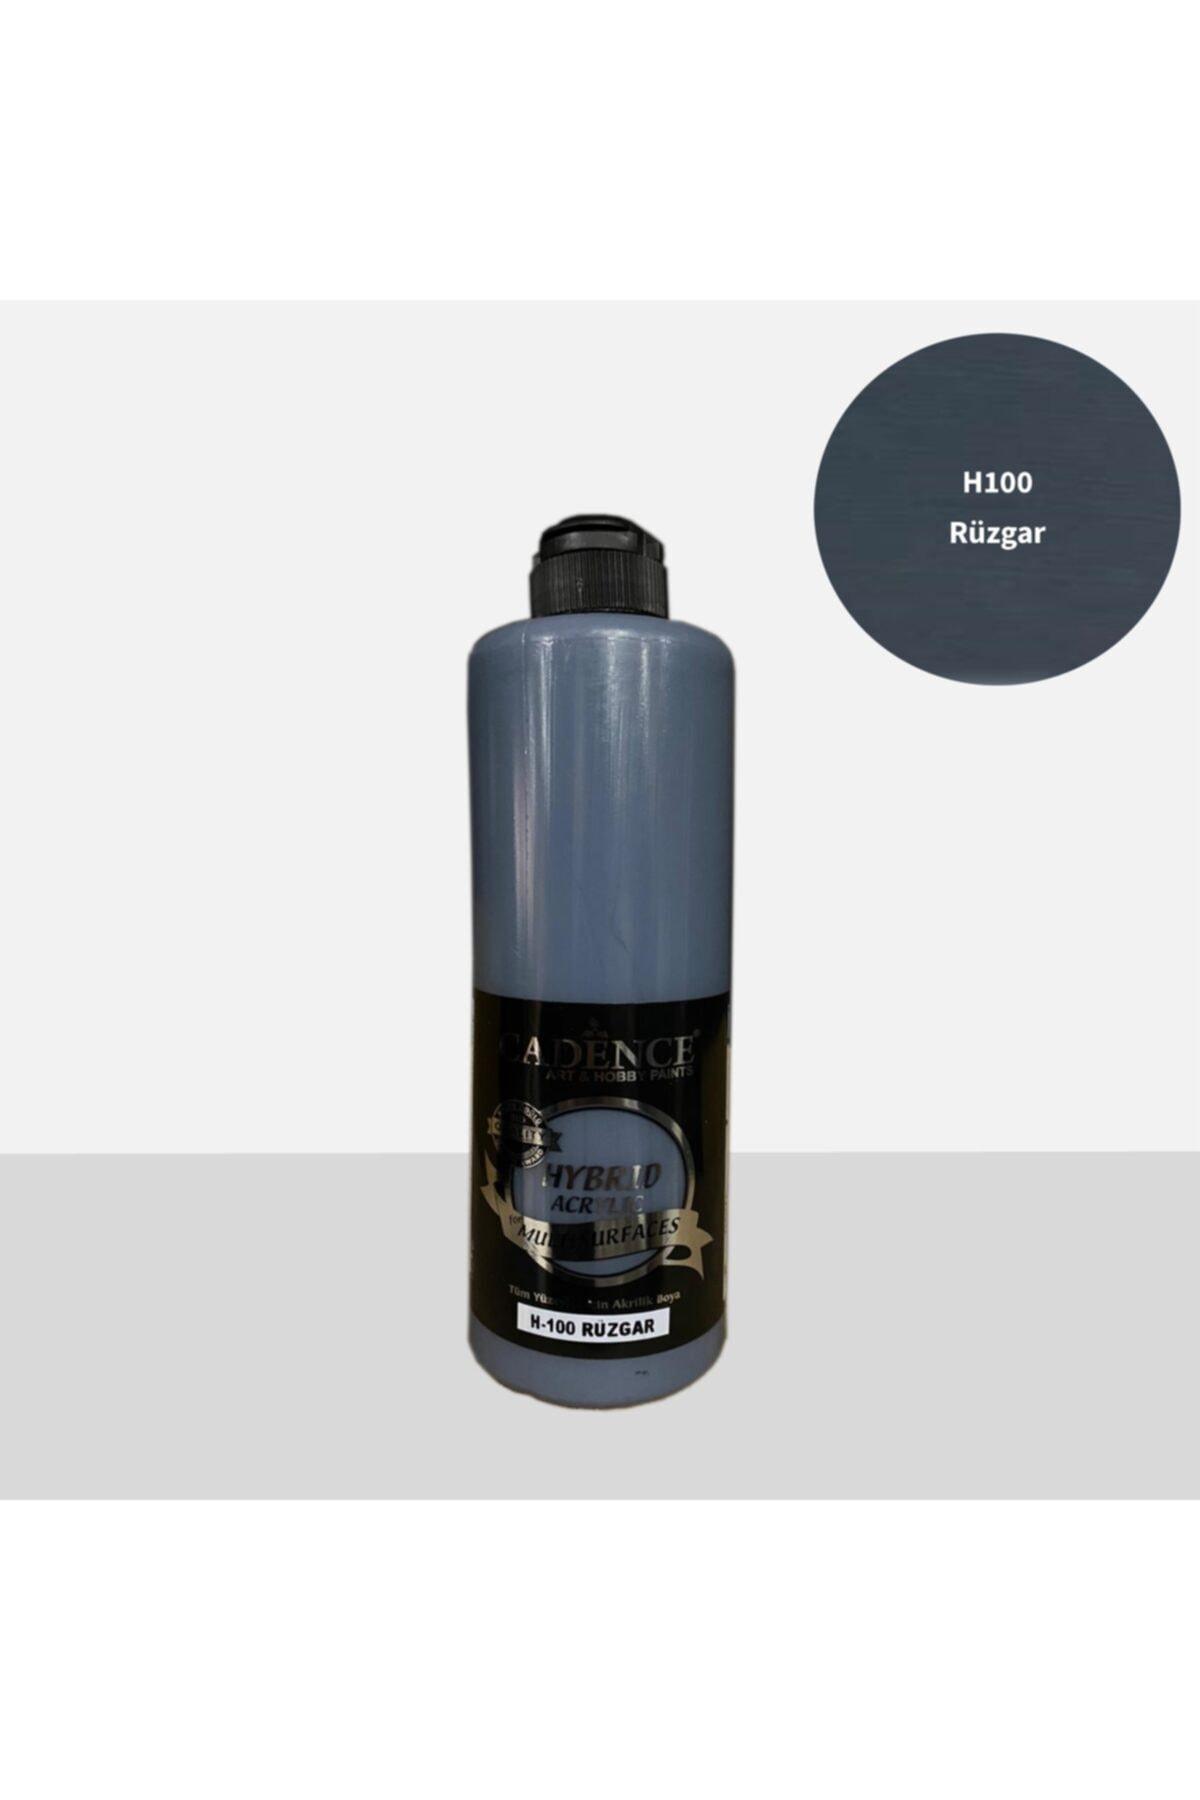 Ruzgar Cadence Multisurface Akrilik Boya H100 - 500 ML